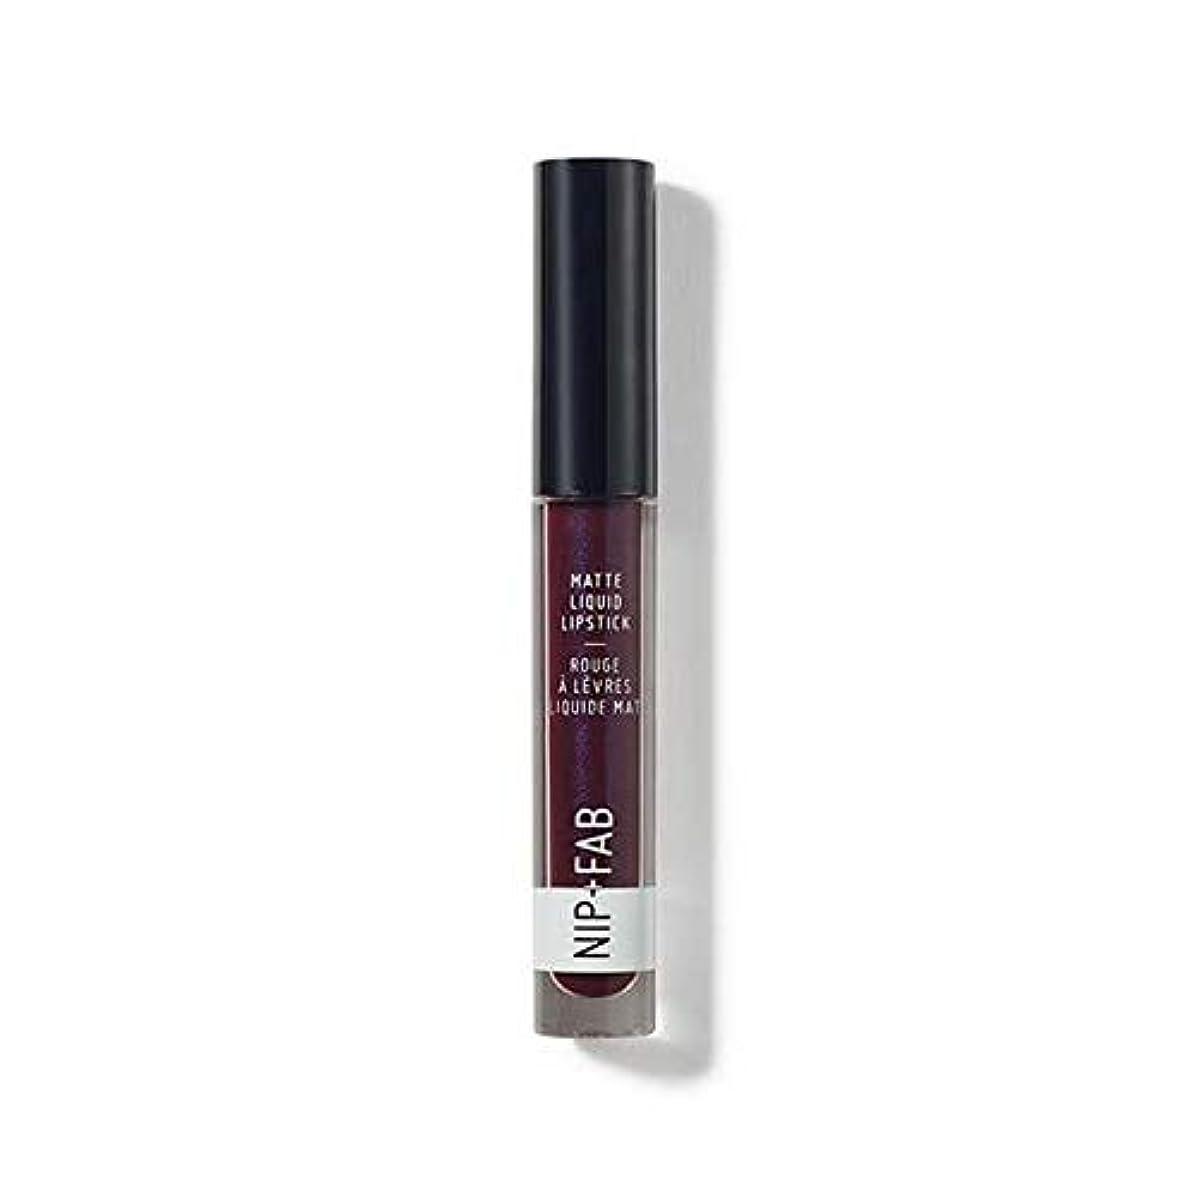 回転させるベジタリアン疲労[Nip & Fab ] + Fabマット液体口紅ブラックグレープ55ニップ - Nip+Fab Matte Liquid Lipstick Black Grape 55 [並行輸入品]